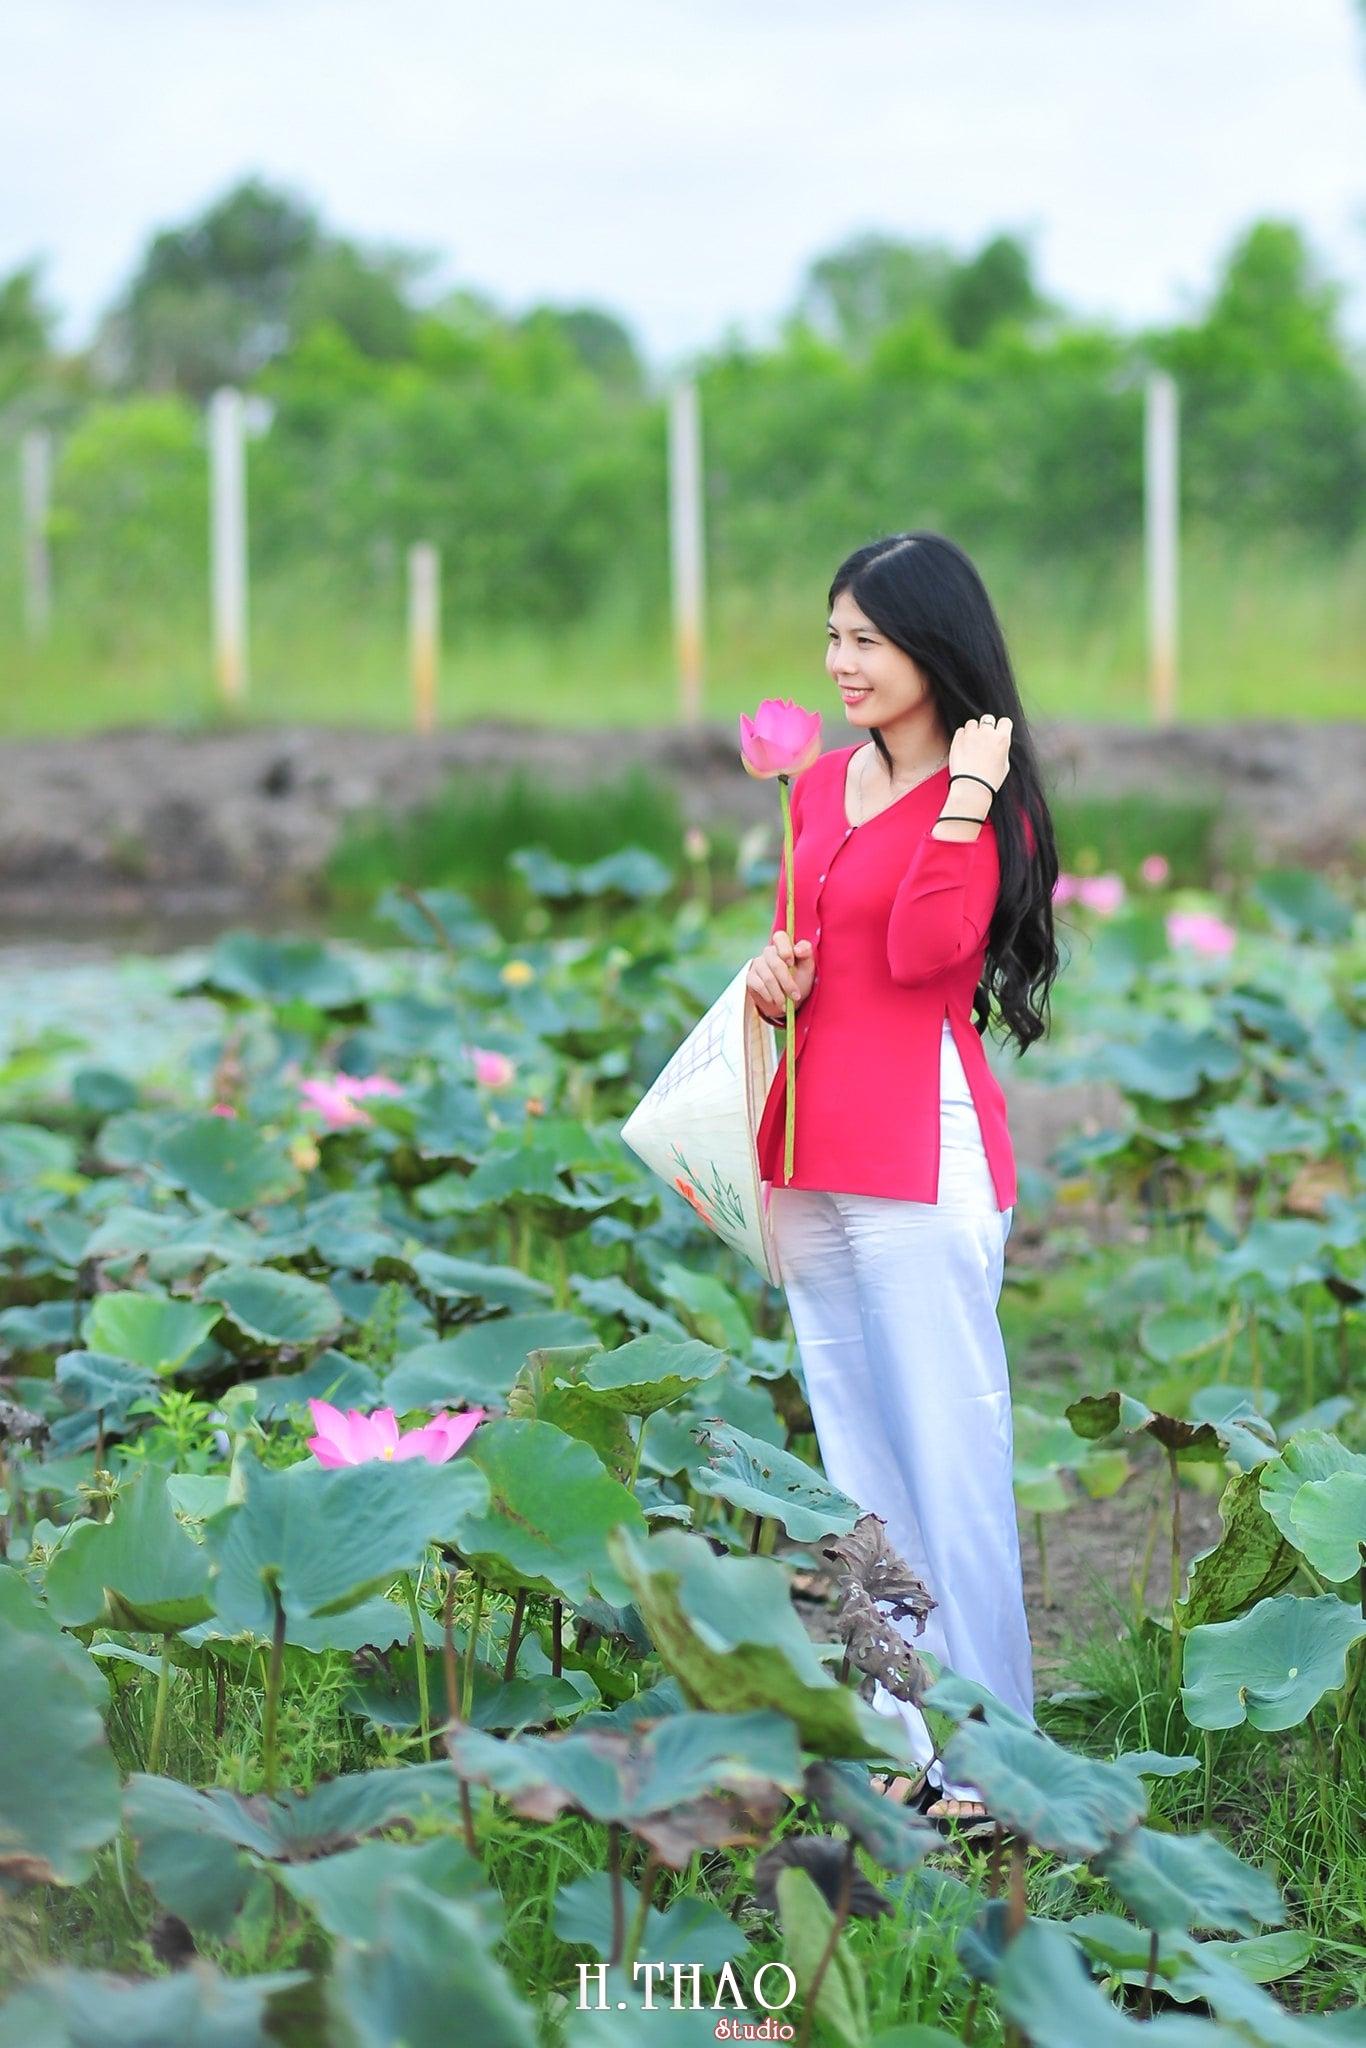 Hoa sen 4 - Tháng 6, chụp hình với hoa sen tại Tam đa quận 9 – Tp.HCM